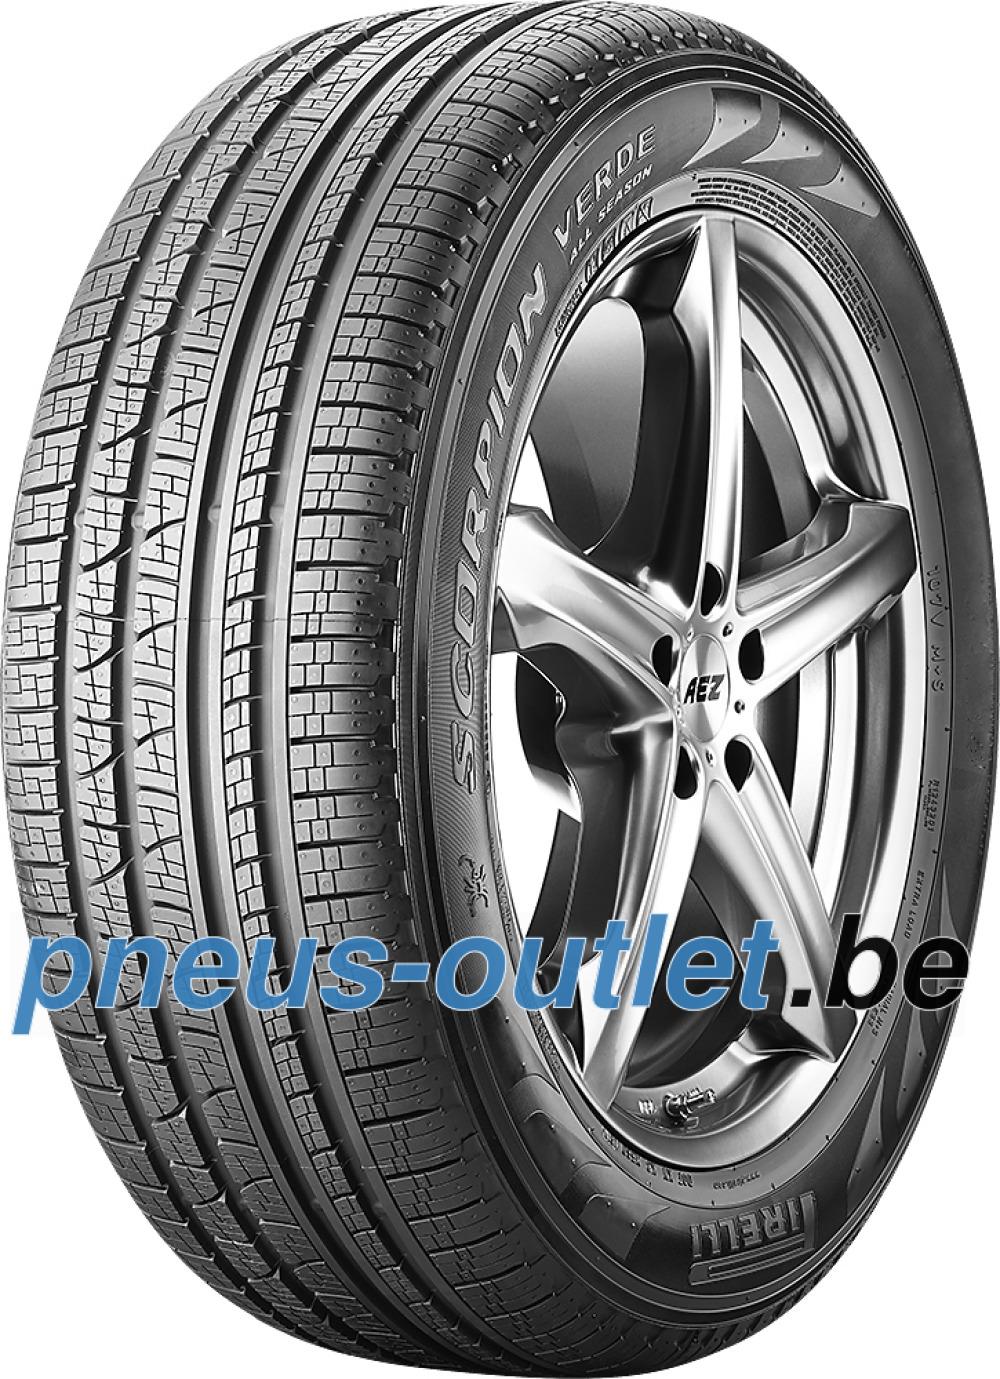 Pirelli Scorpion Verde All-Season ( 295/45 R19 113W XL , MGT )